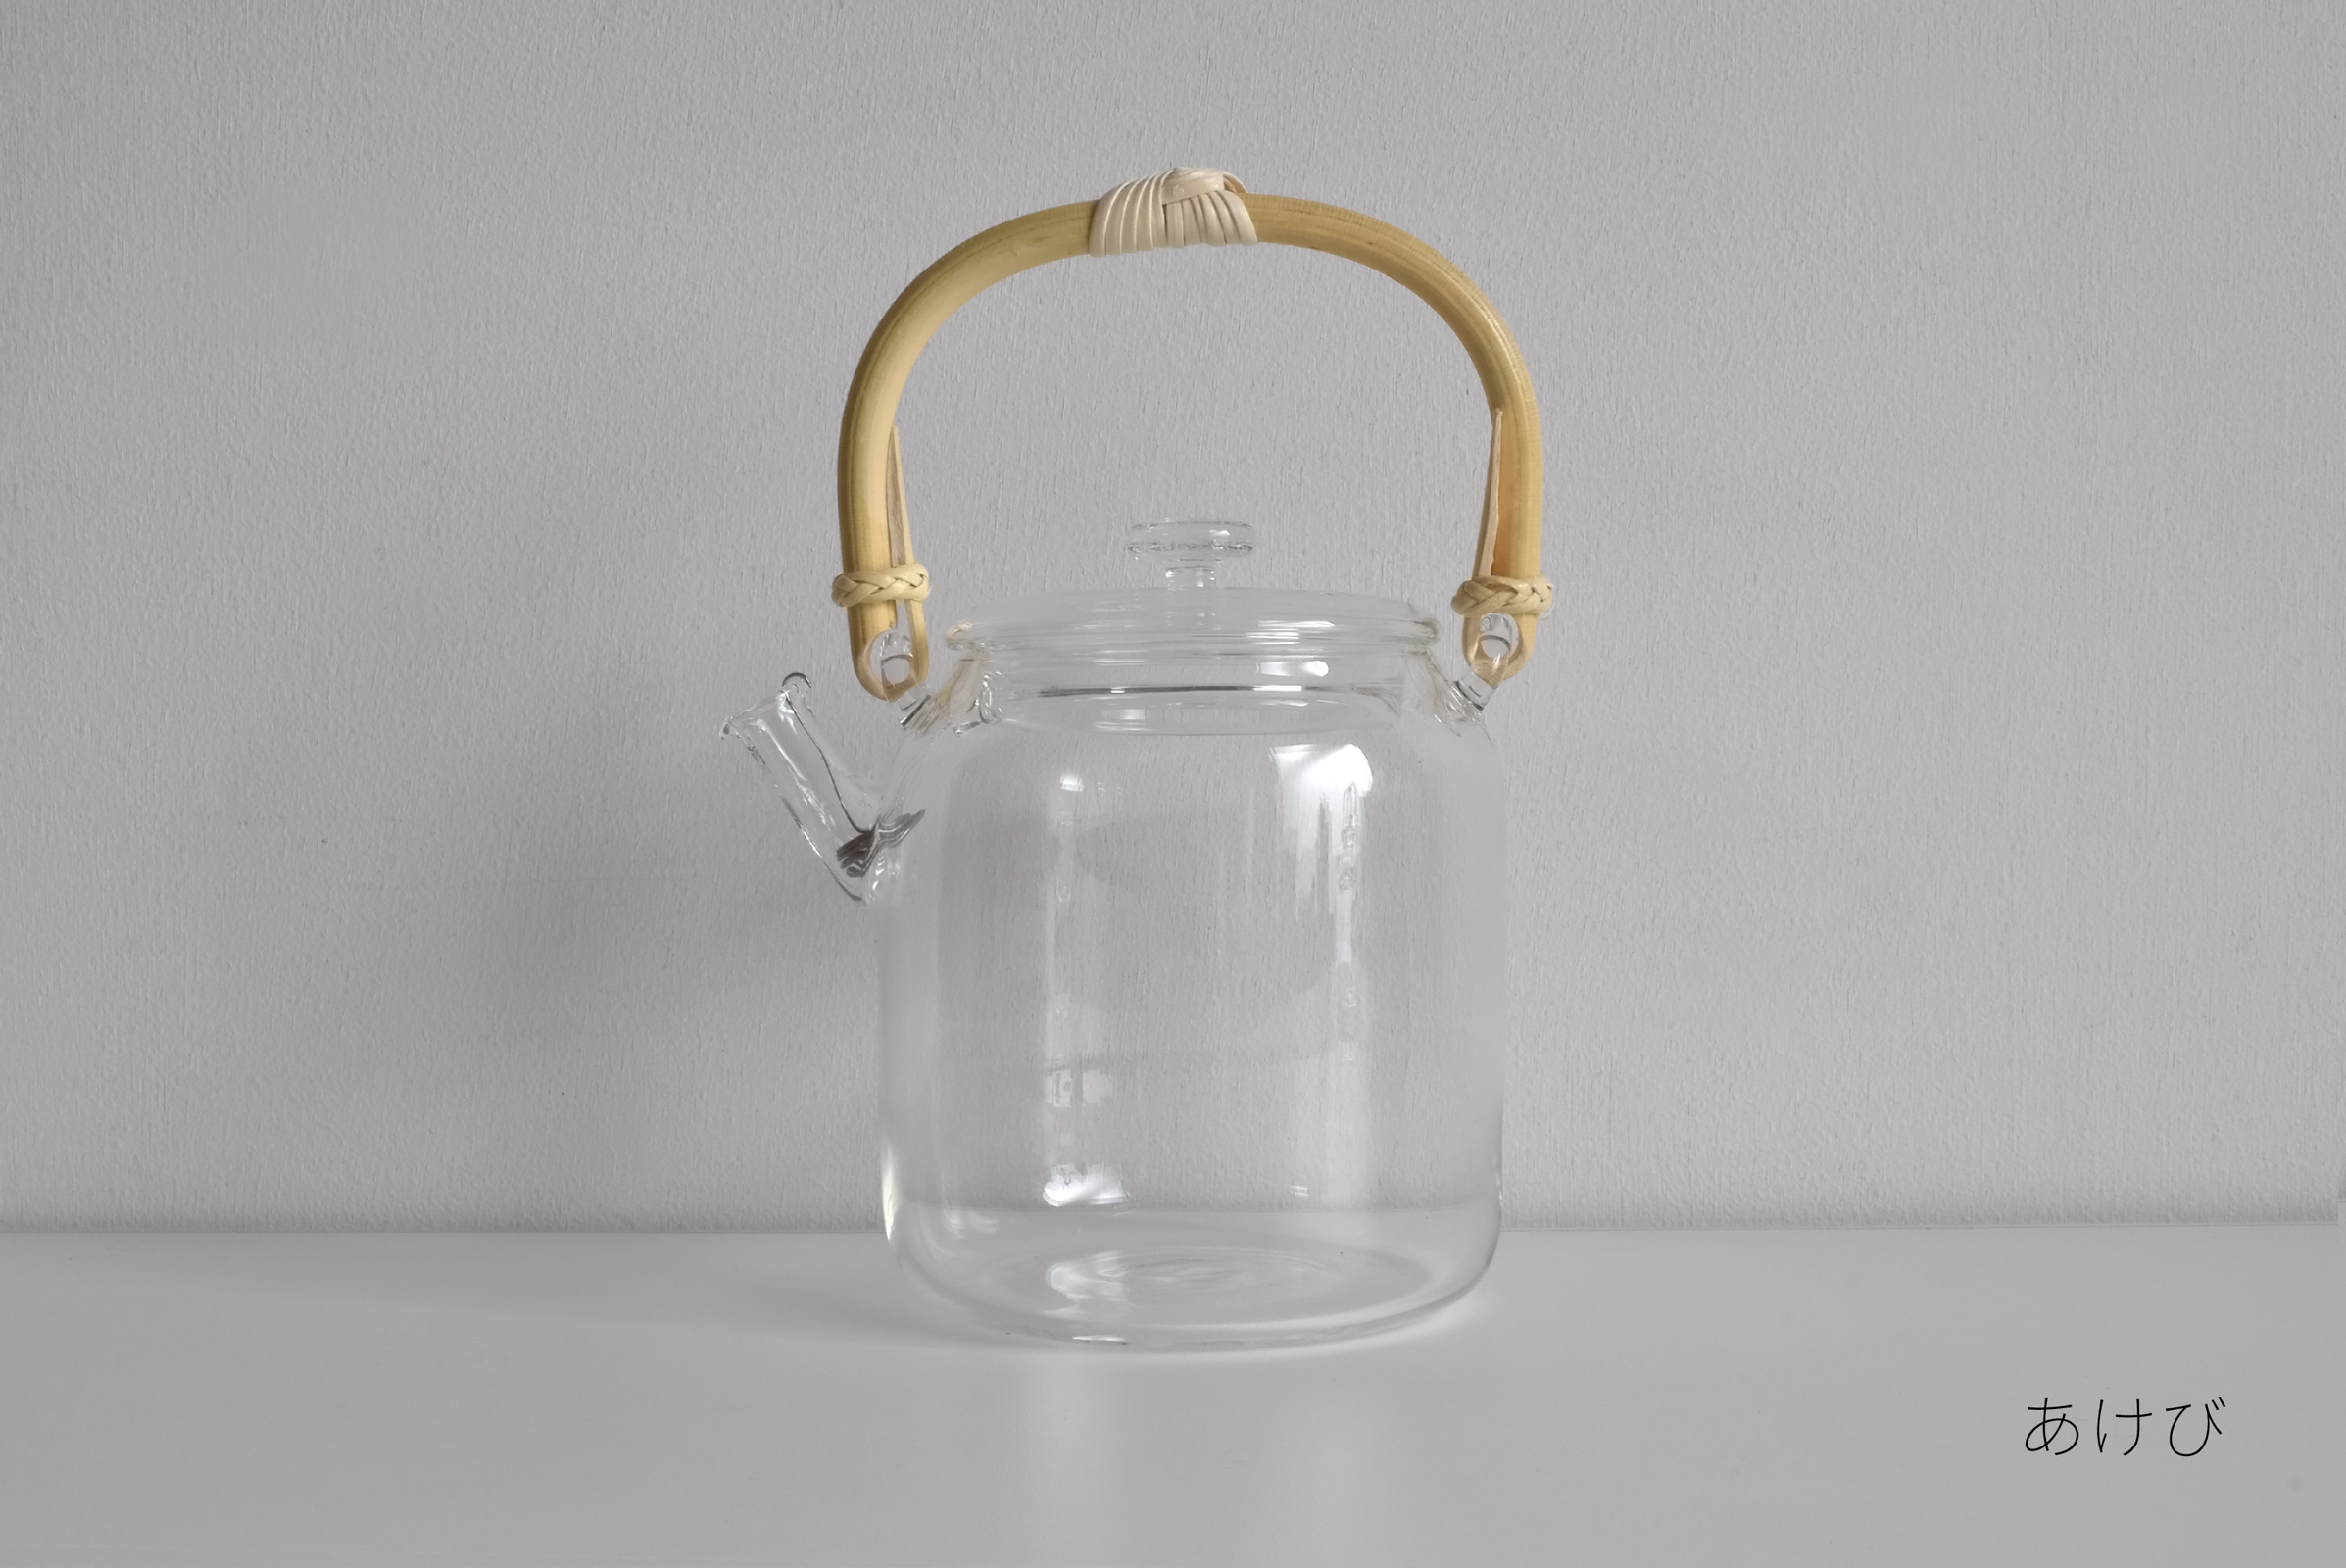 studio prepa「Tea Pot」